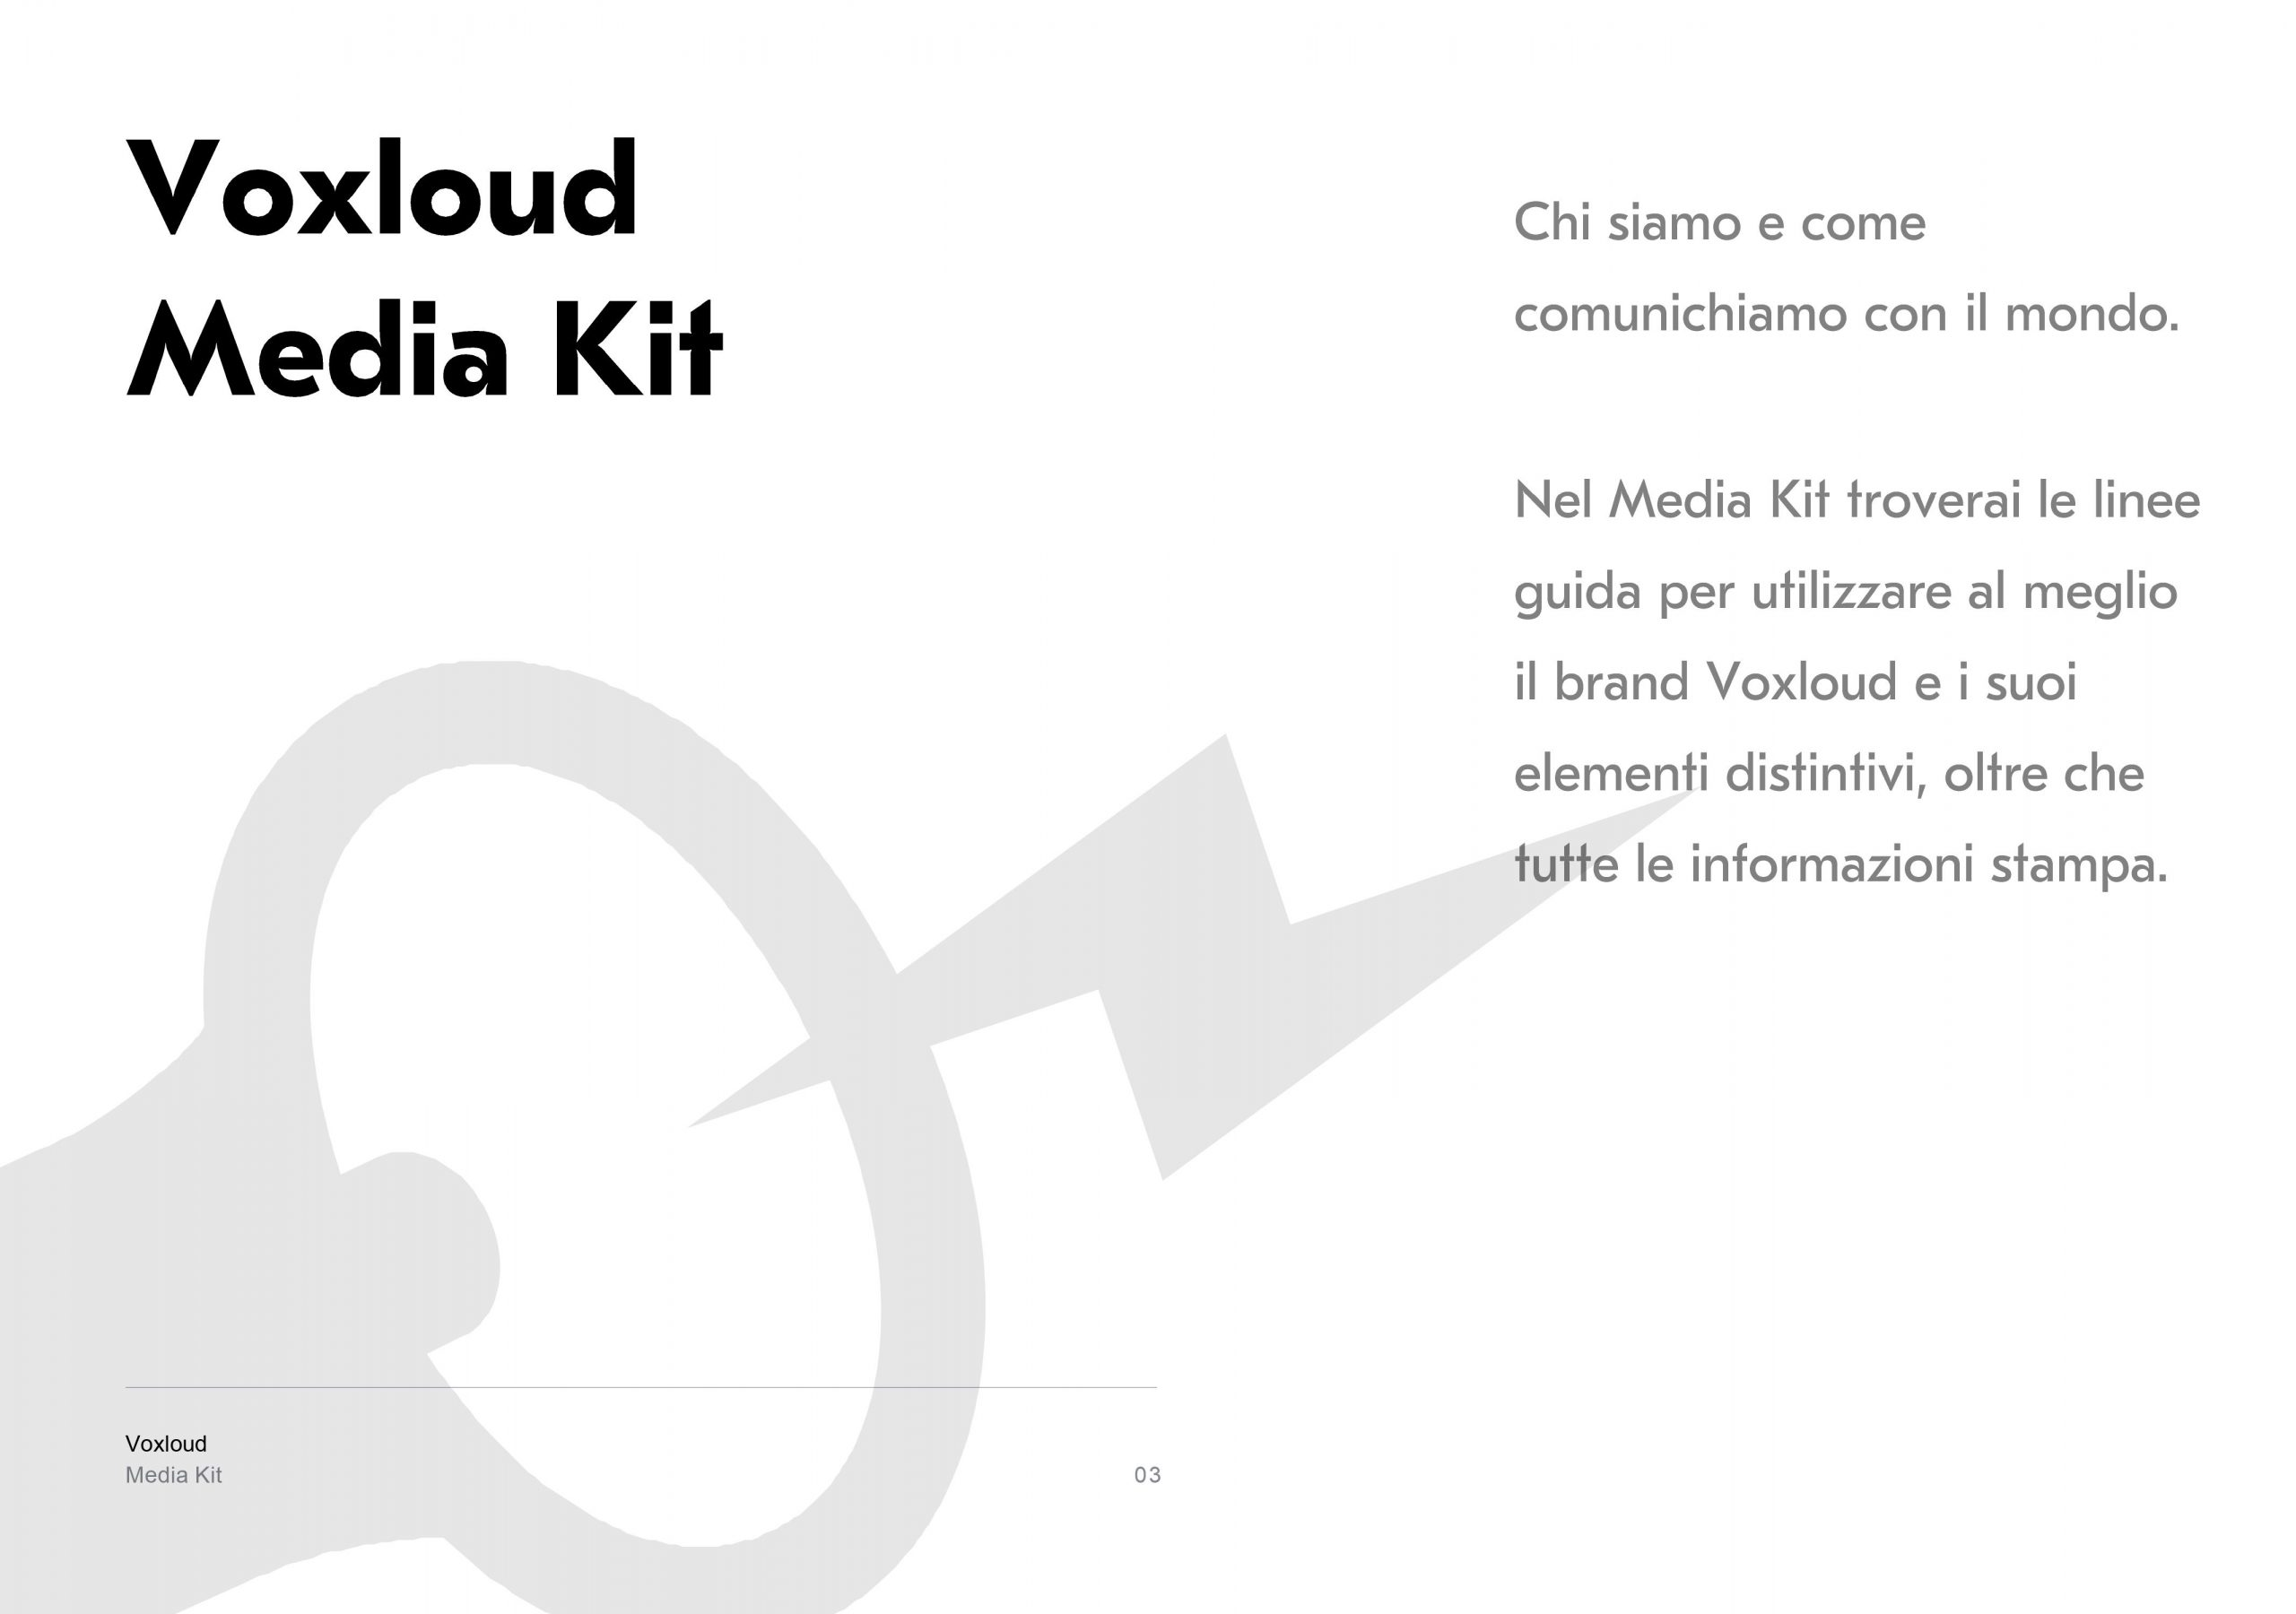 Voxloud Media Kit_IT_03